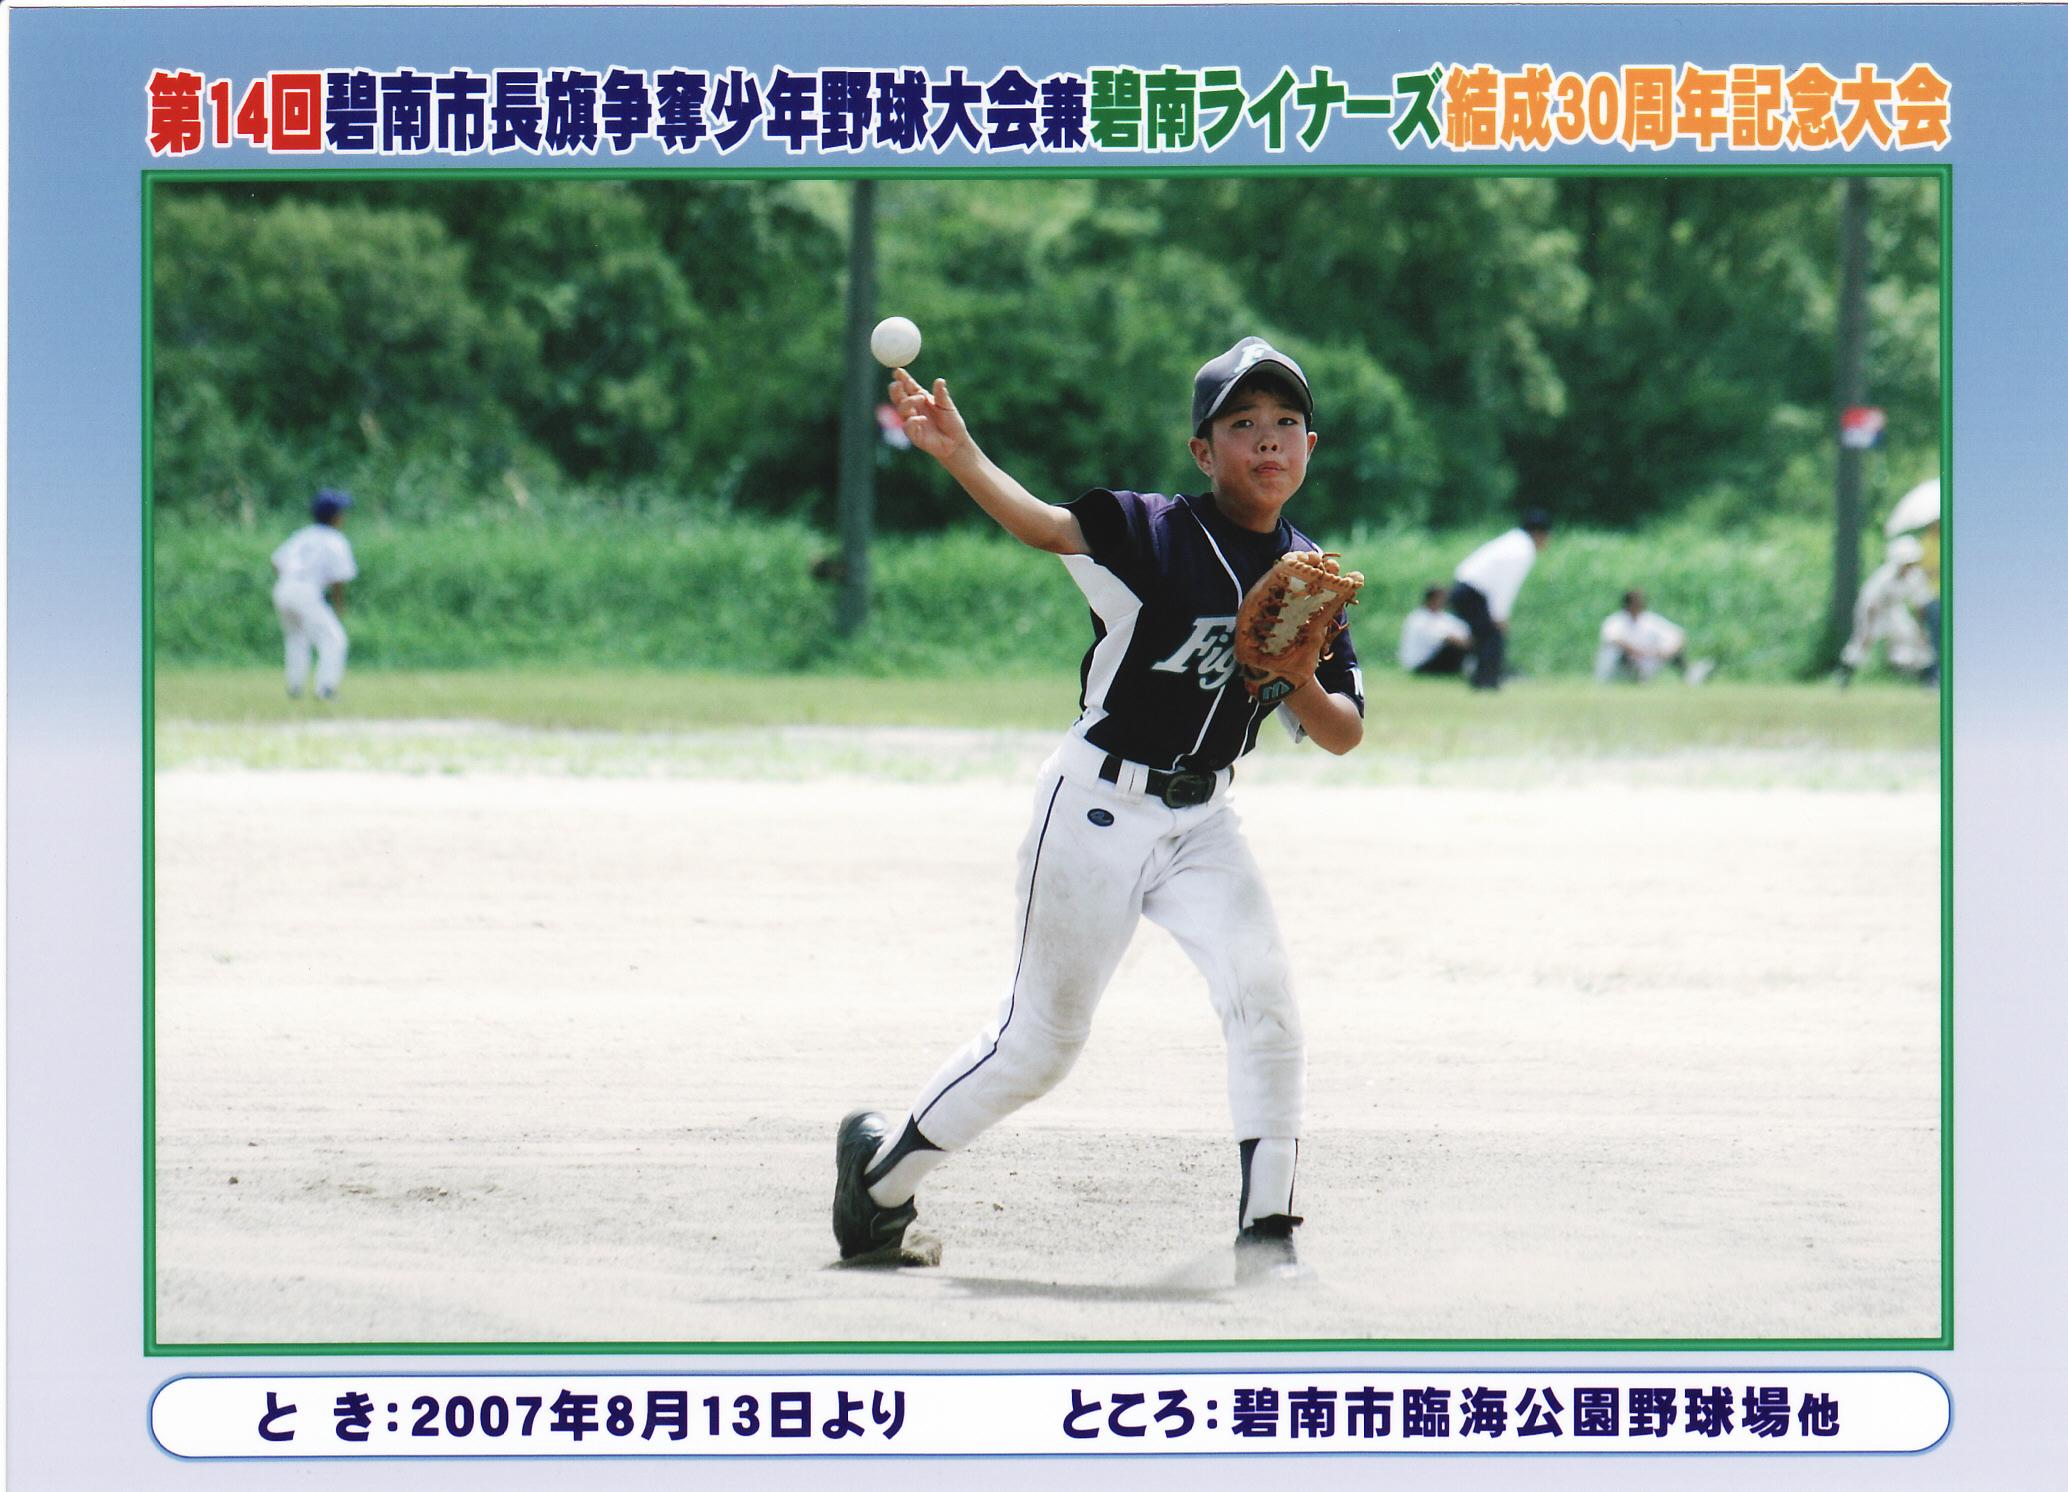 碧南市長期2007年8月_0035